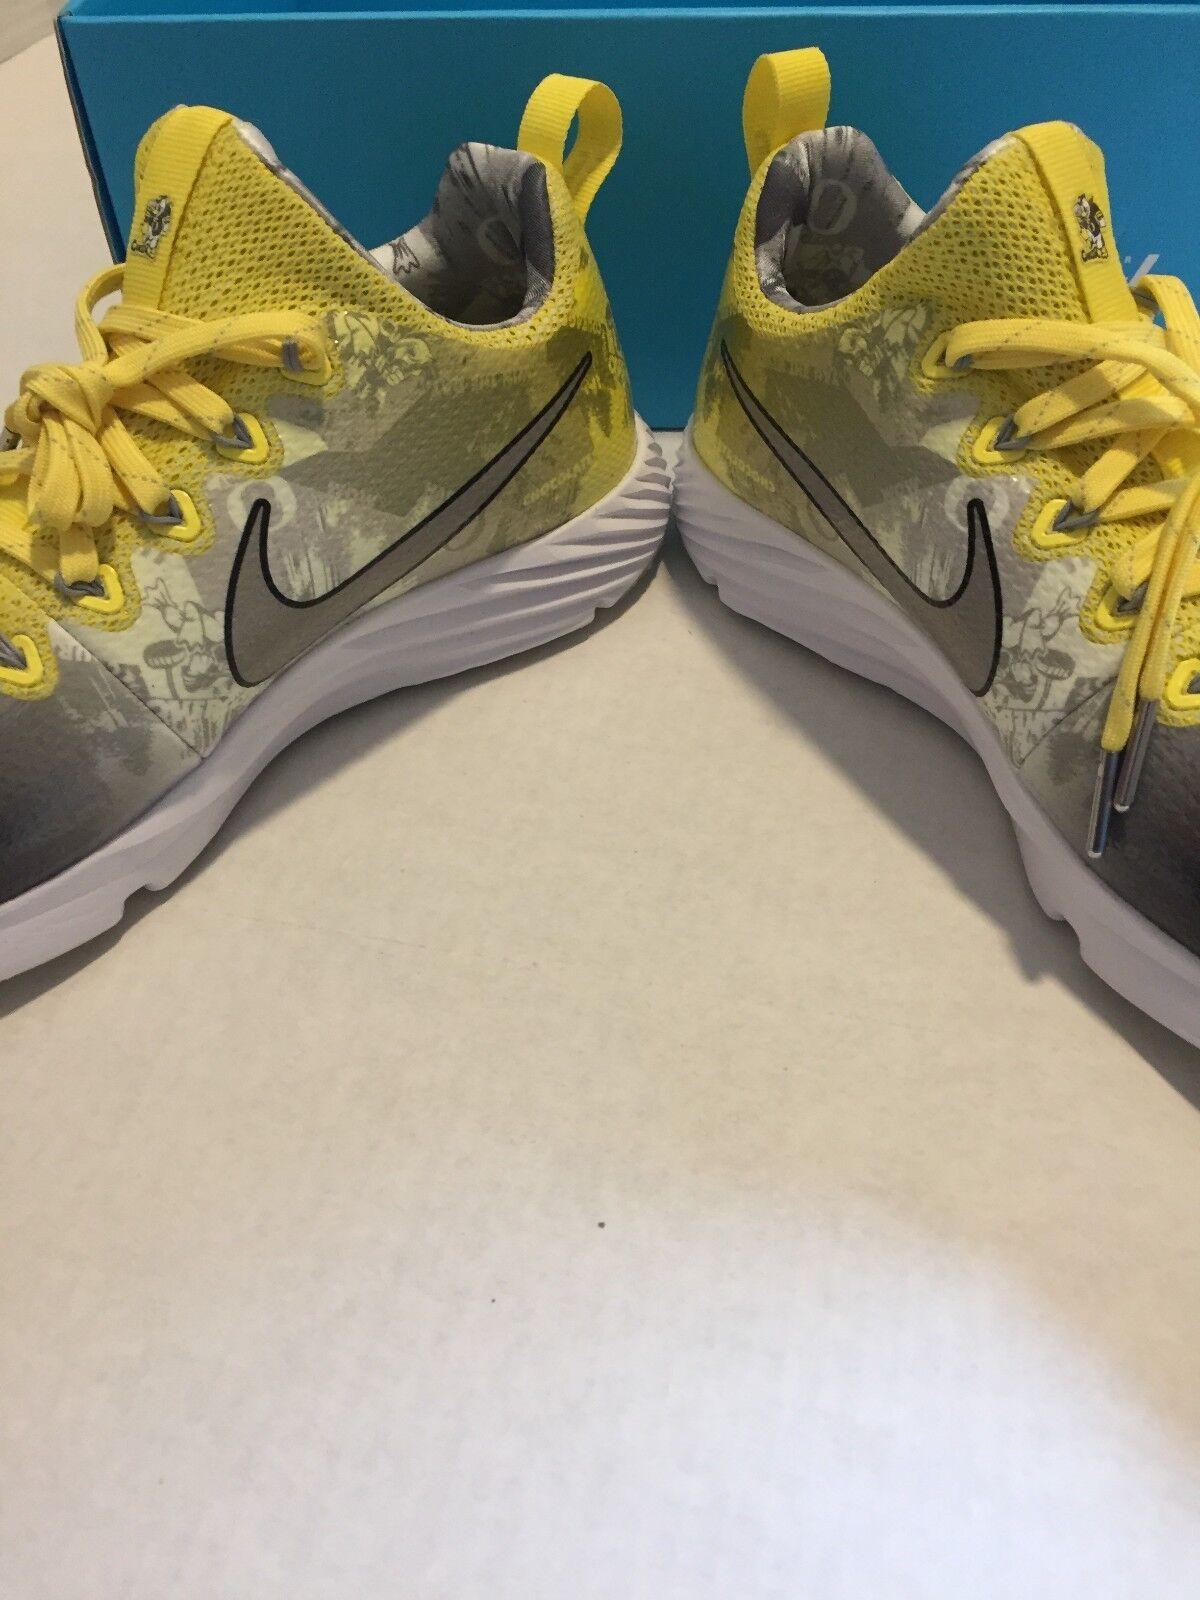 Nike oregon enten enten enten doernbecher tritt krebs vapor geschwindigkeit rasen db mens größe 8 nolid 69420a